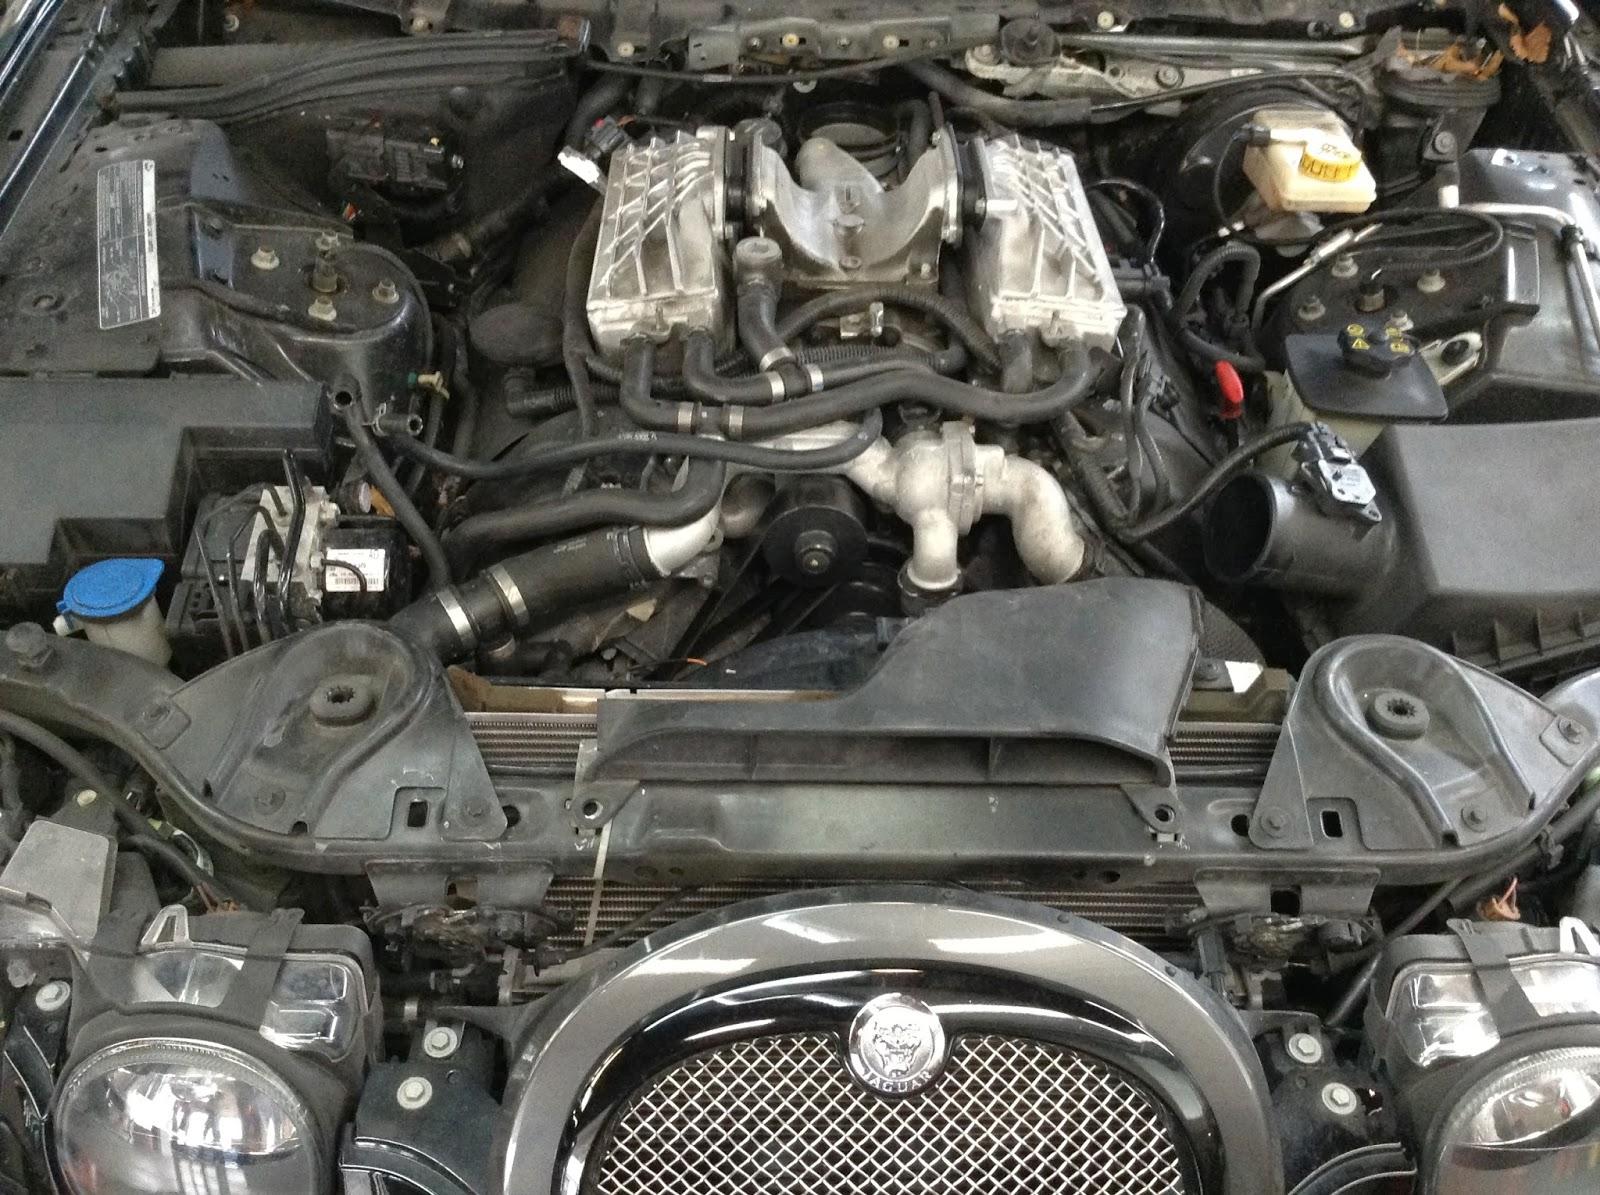 2004 jaguar xjr supercharged engine diagram 2004 jaguar 2002 ford powerstroke wiring diagram 2002 ford powerstroke [ 1600 x 1195 Pixel ]